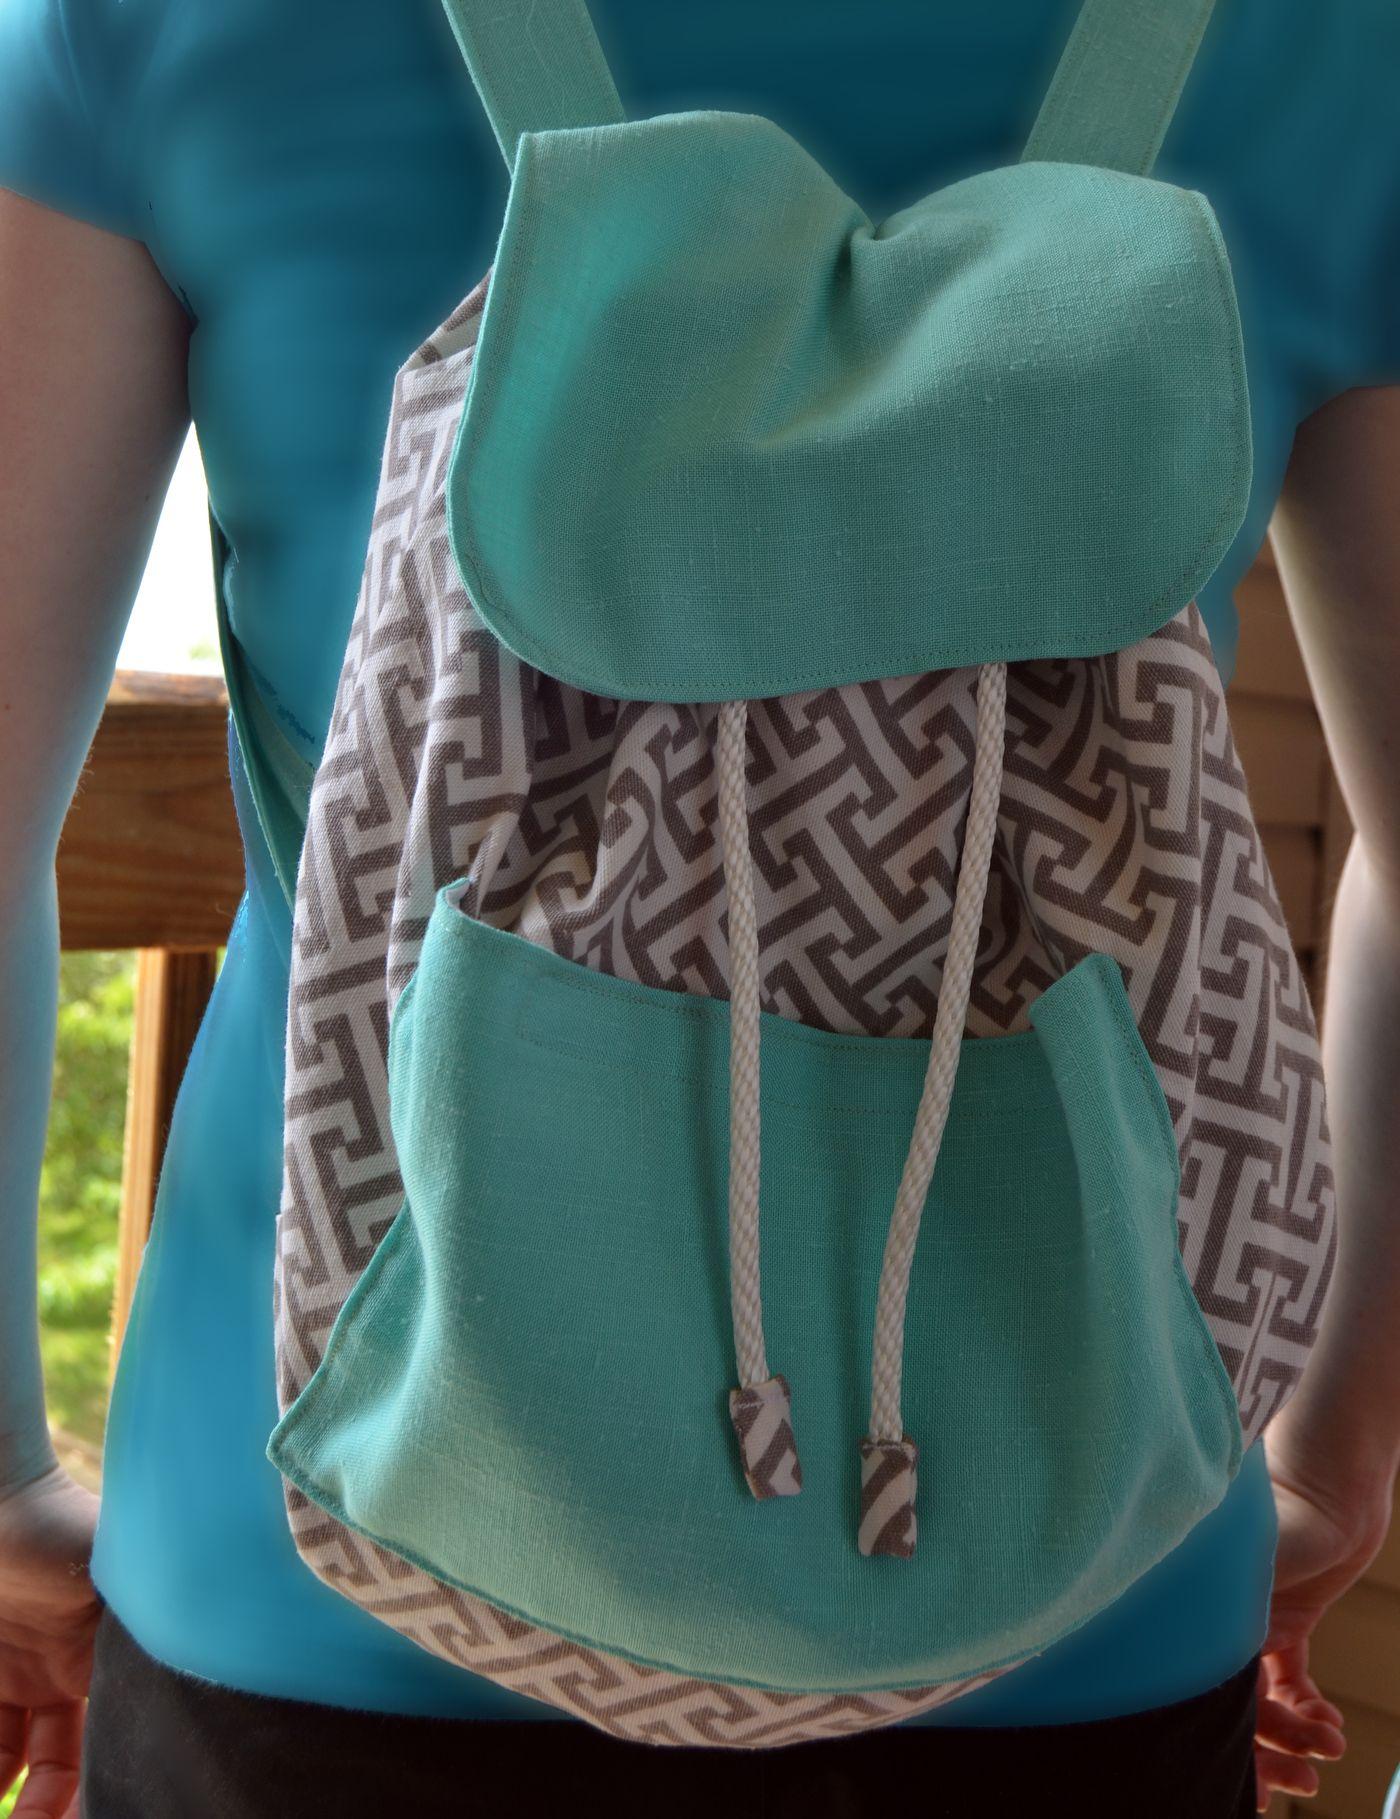 backpack for me | Diy backpack, Backpacks and Bag